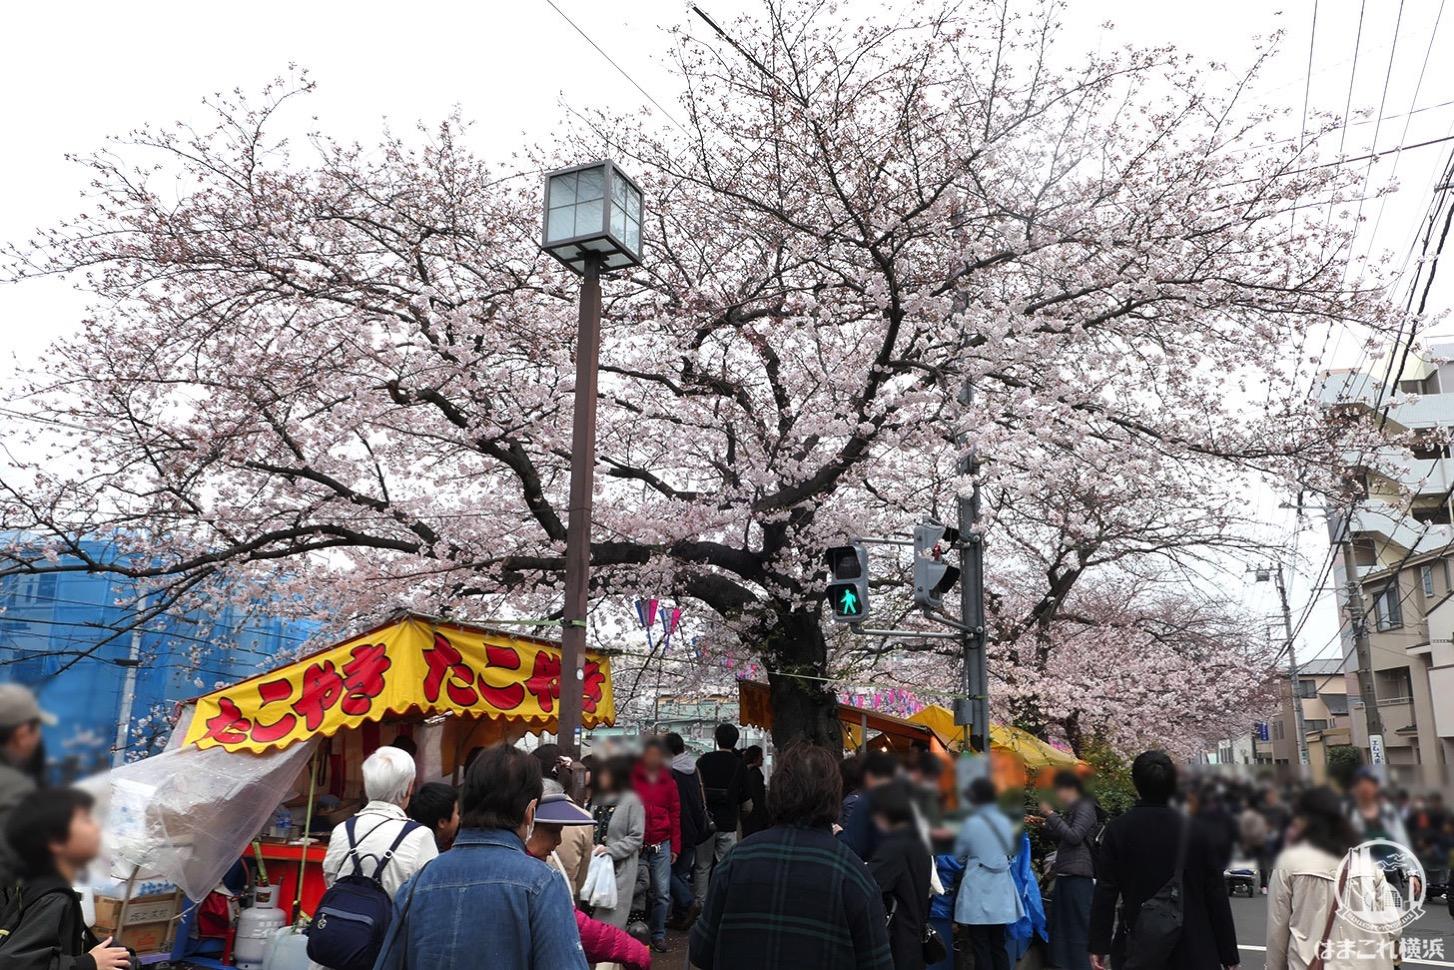 大岡川の桜まつりで屋台と花見を楽しむなら弘明寺の商店街スタートがおすすめ!